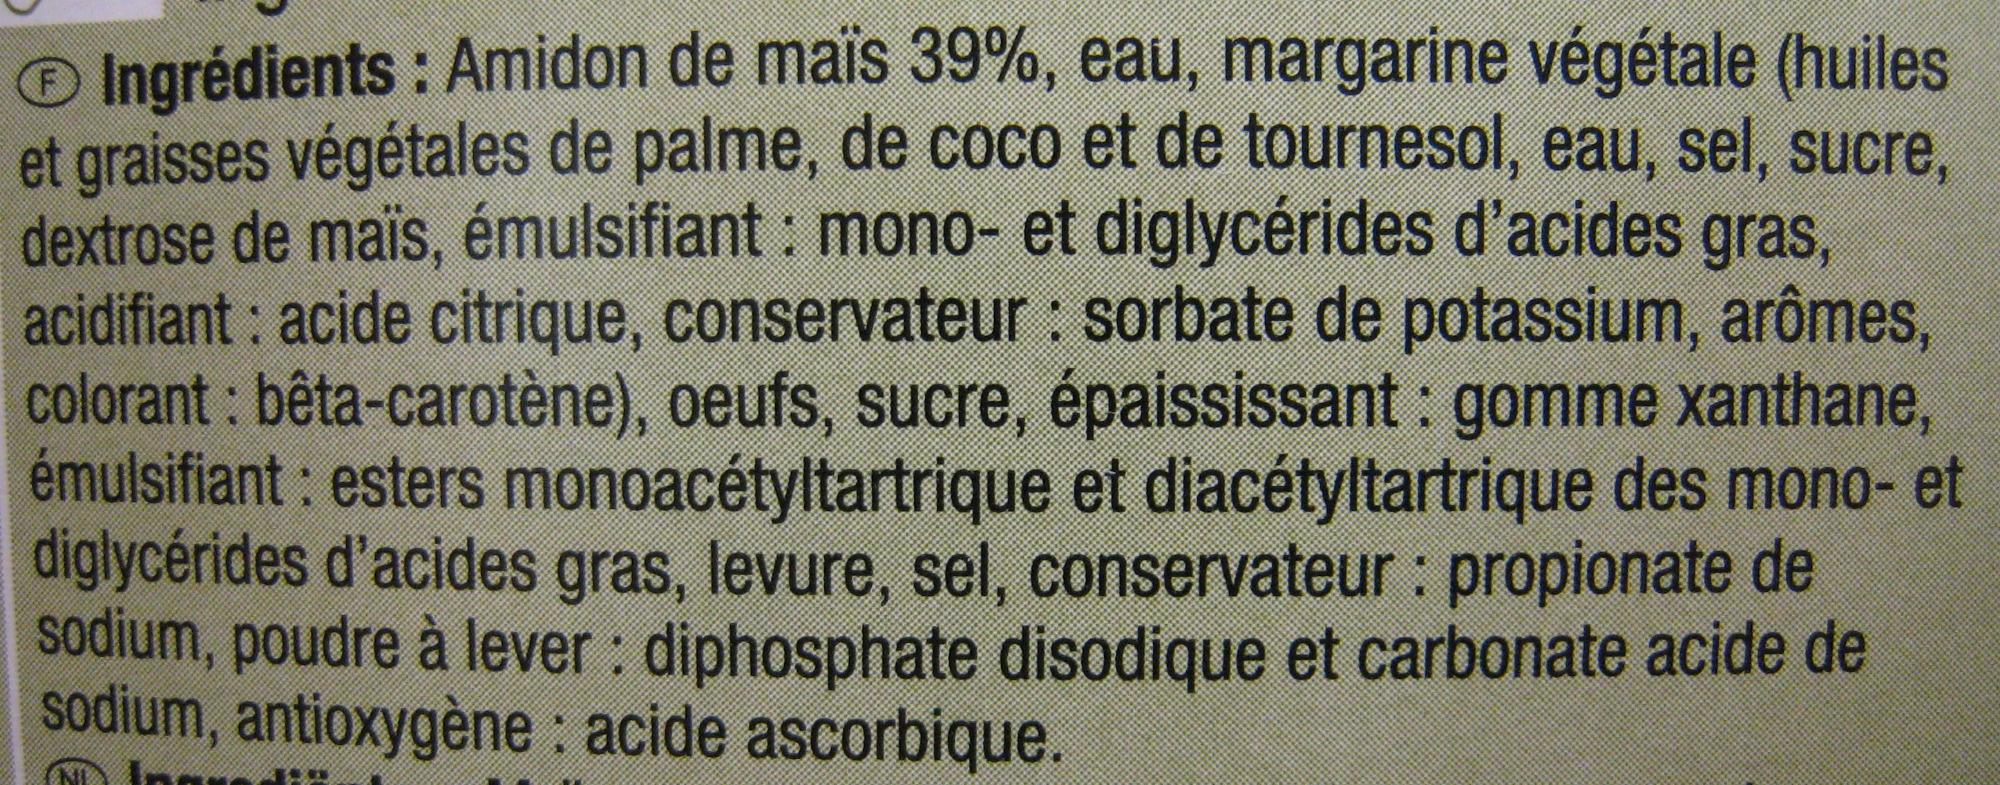 Croissant sin gluten - Ingredientes